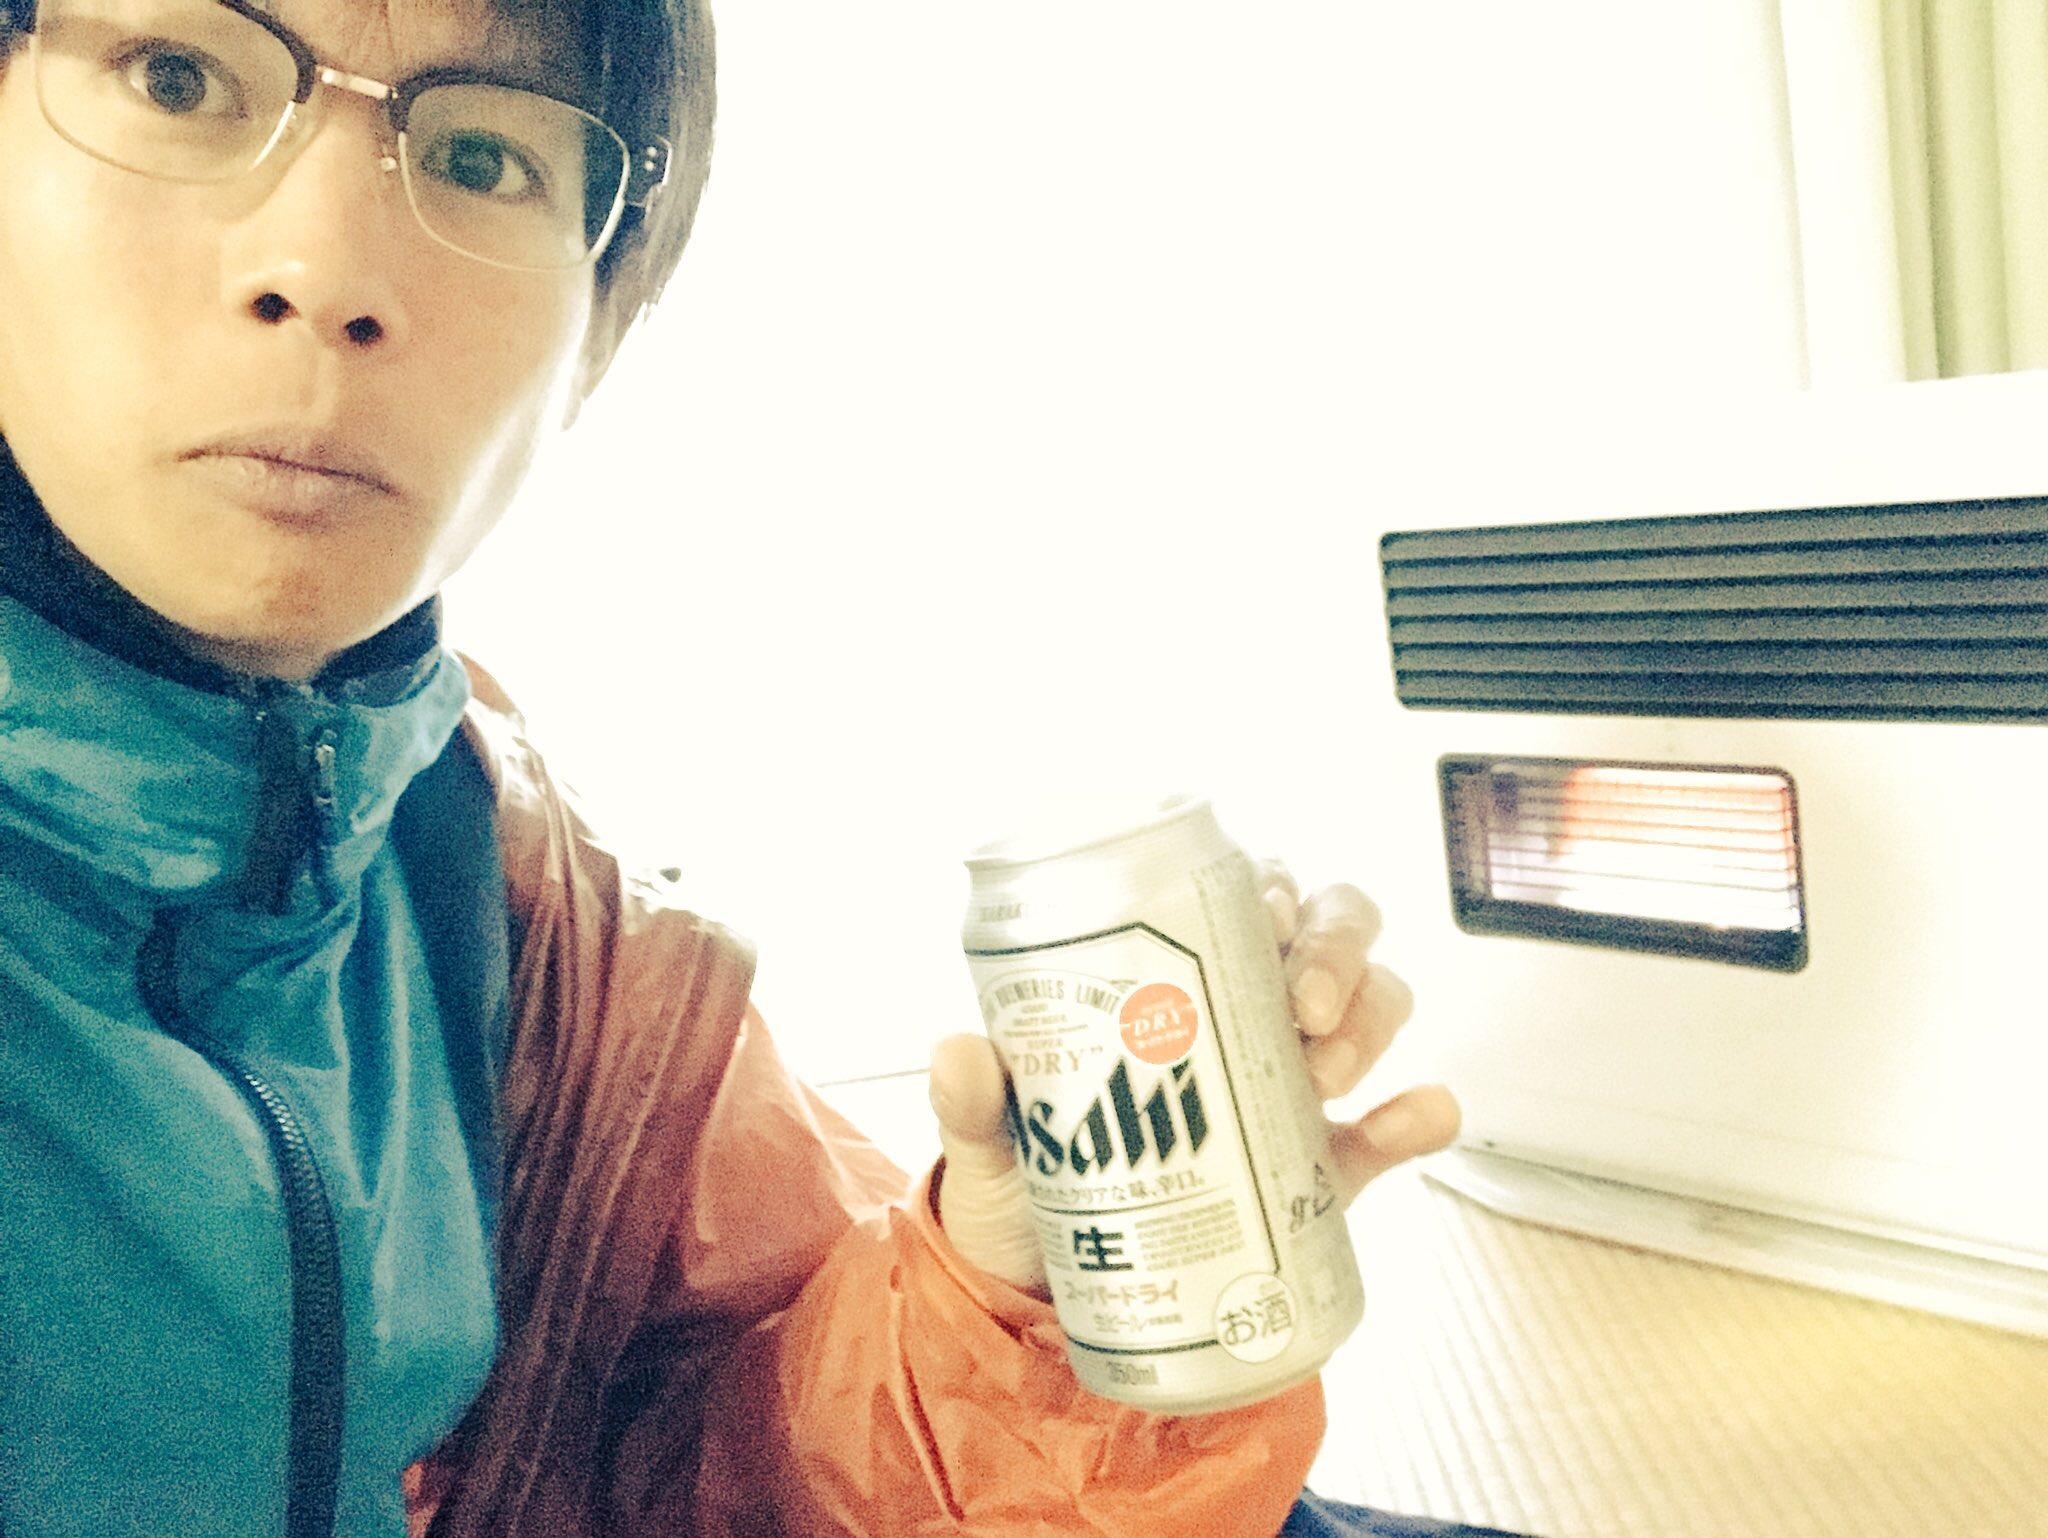 【LONG TRAIL】信越トレイル!80㎞をキャンプしながら歩く! DAY3